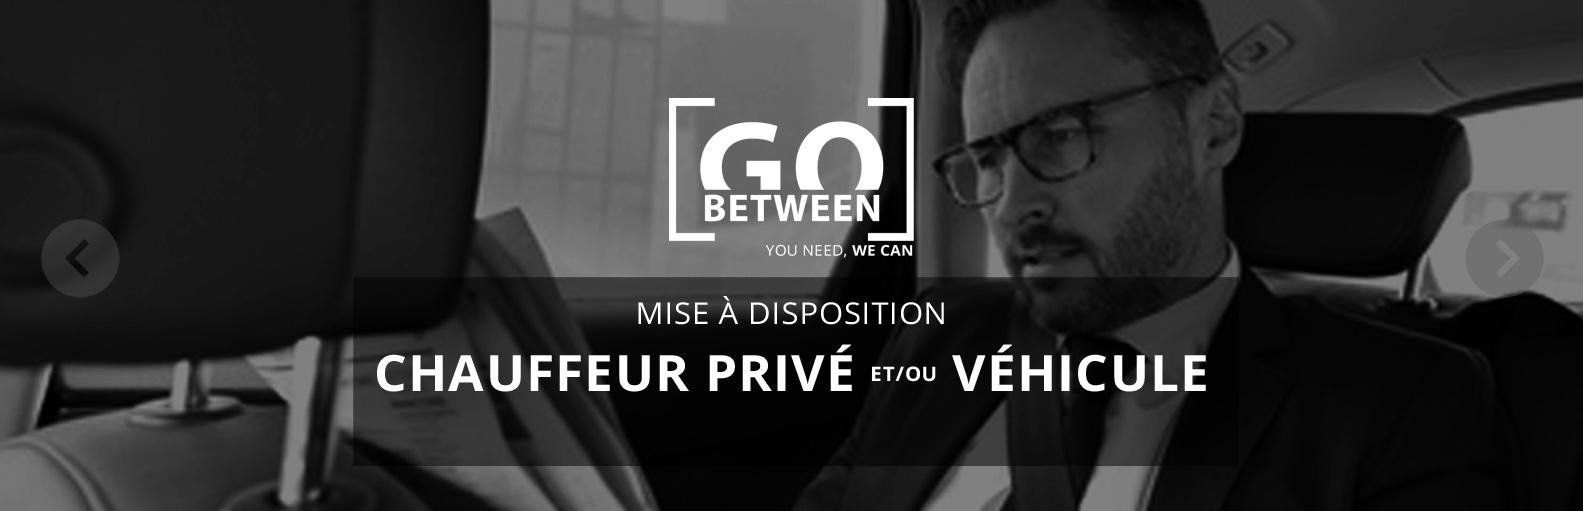 go between chauffeur priv paris chauffeur vtc et moto taxi. Black Bedroom Furniture Sets. Home Design Ideas